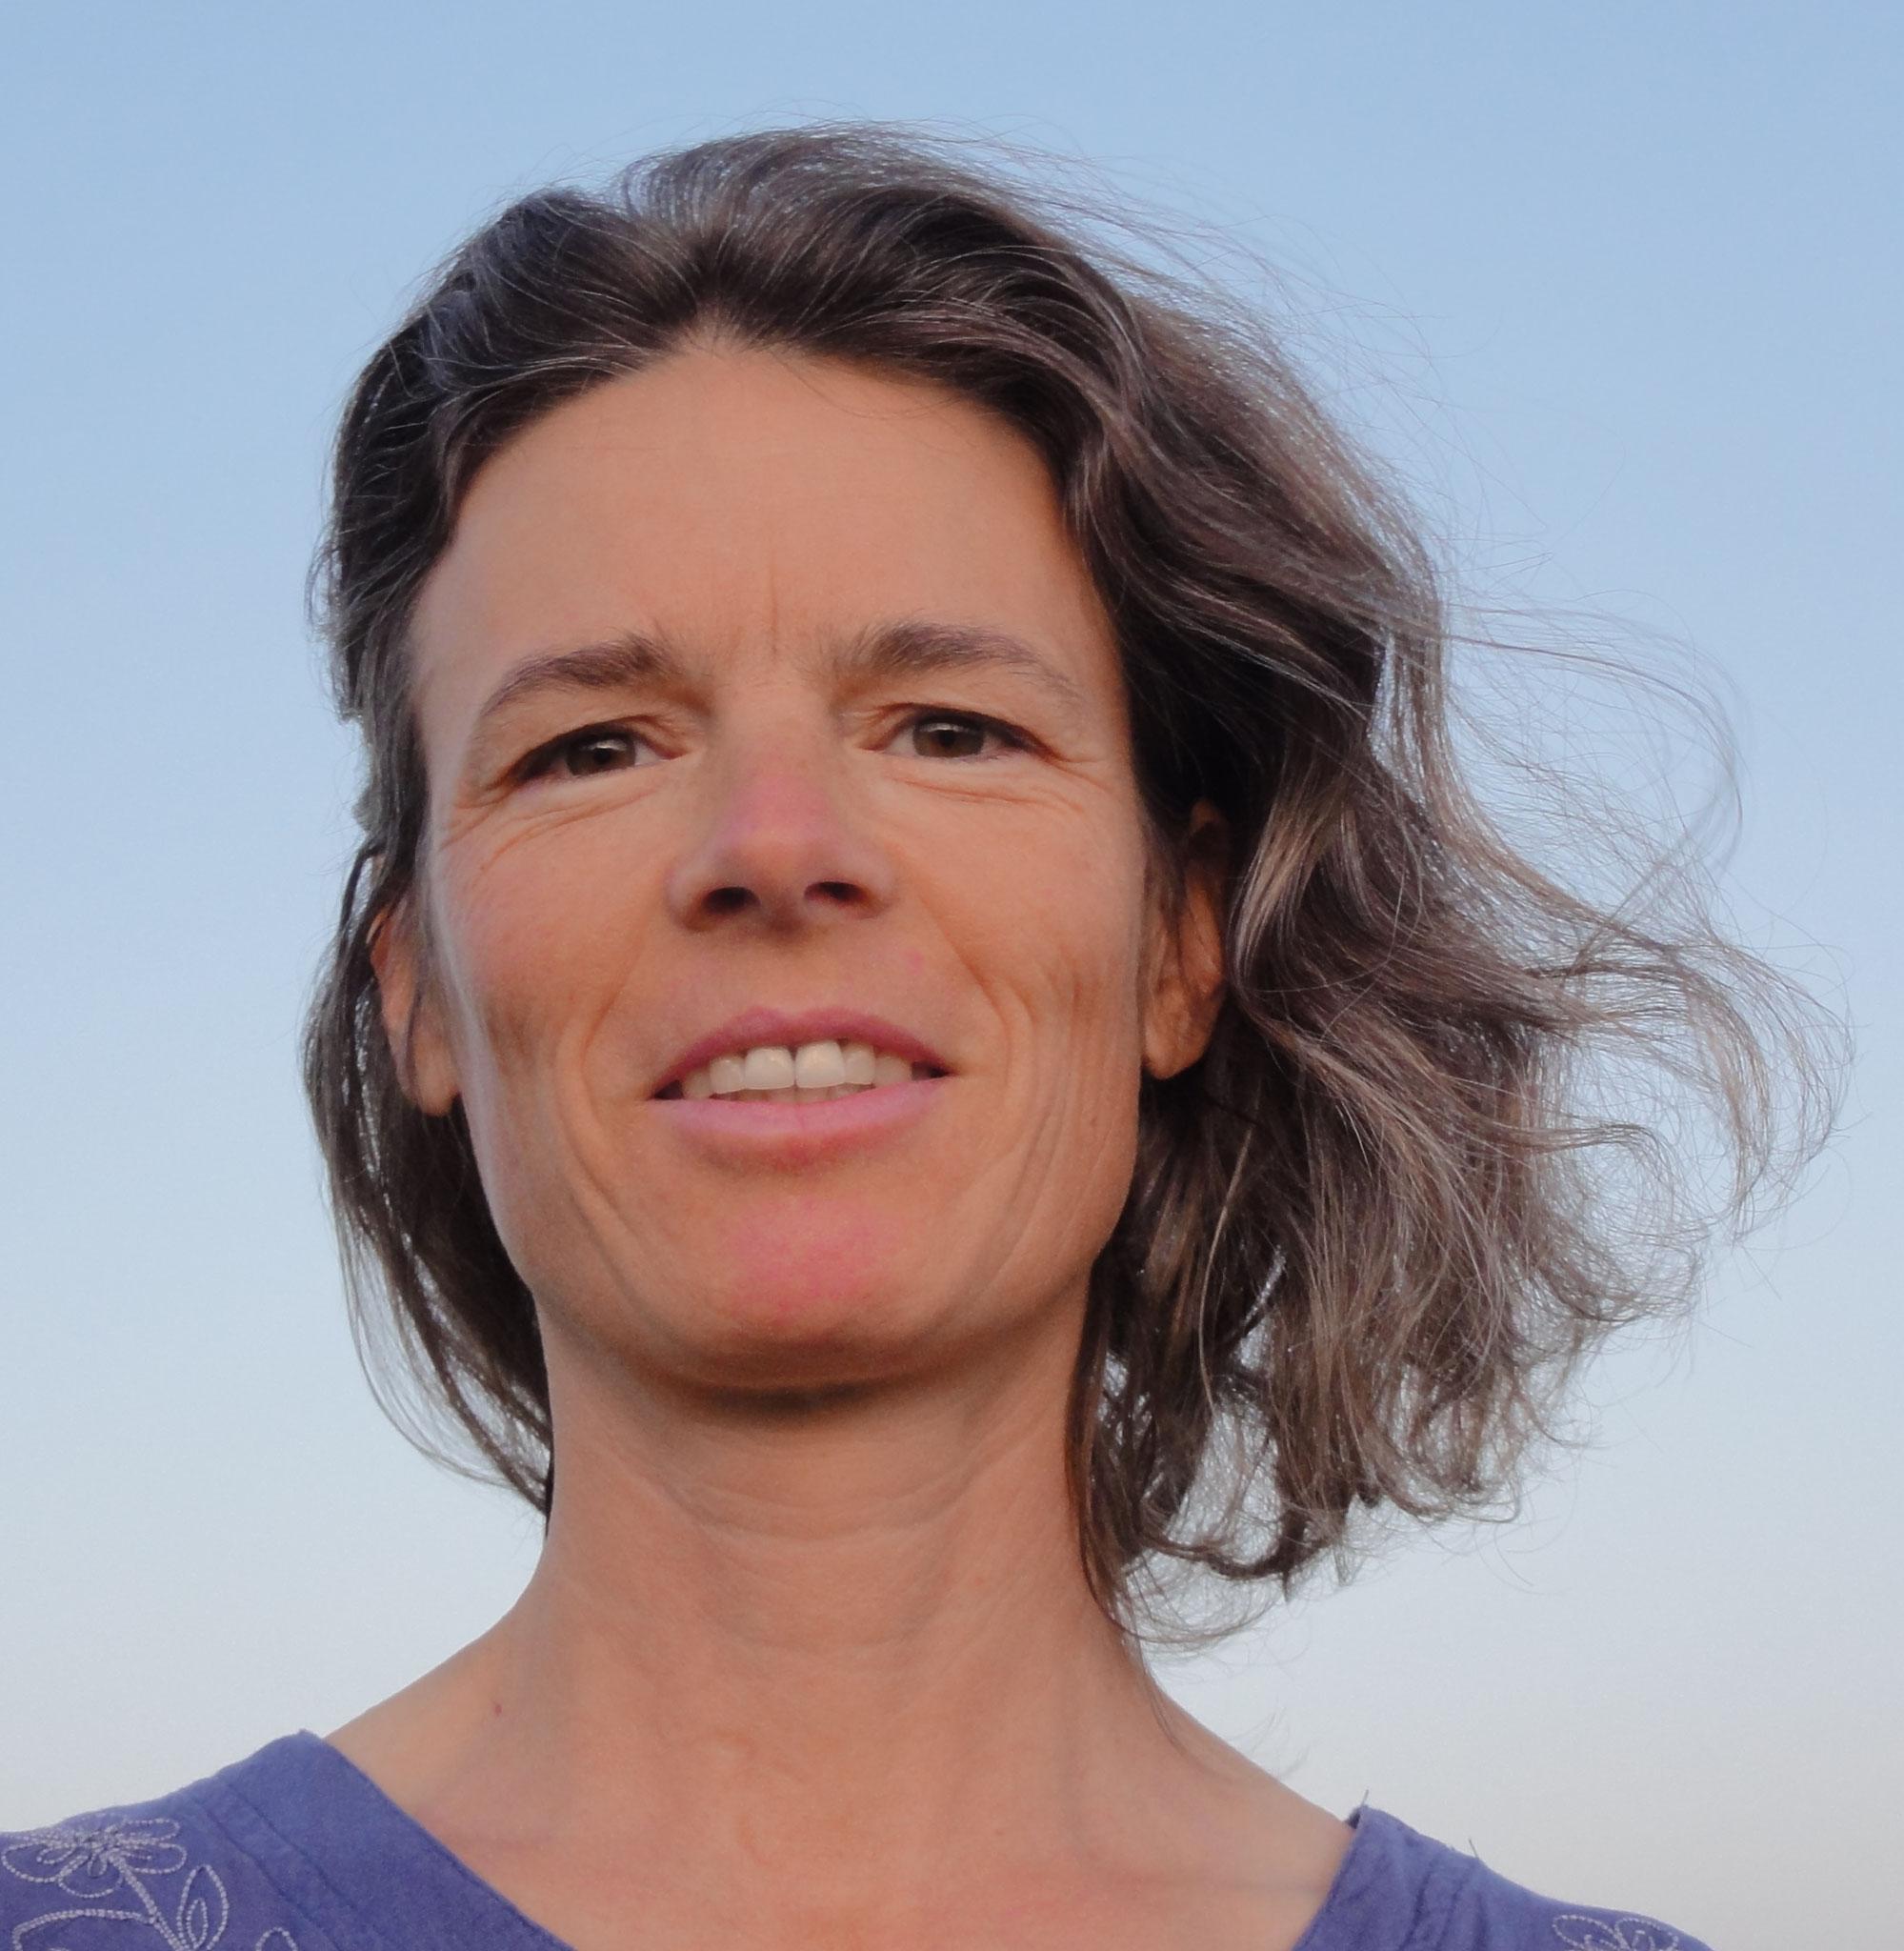 Katrin Kläsi (Naturheilpraxis)